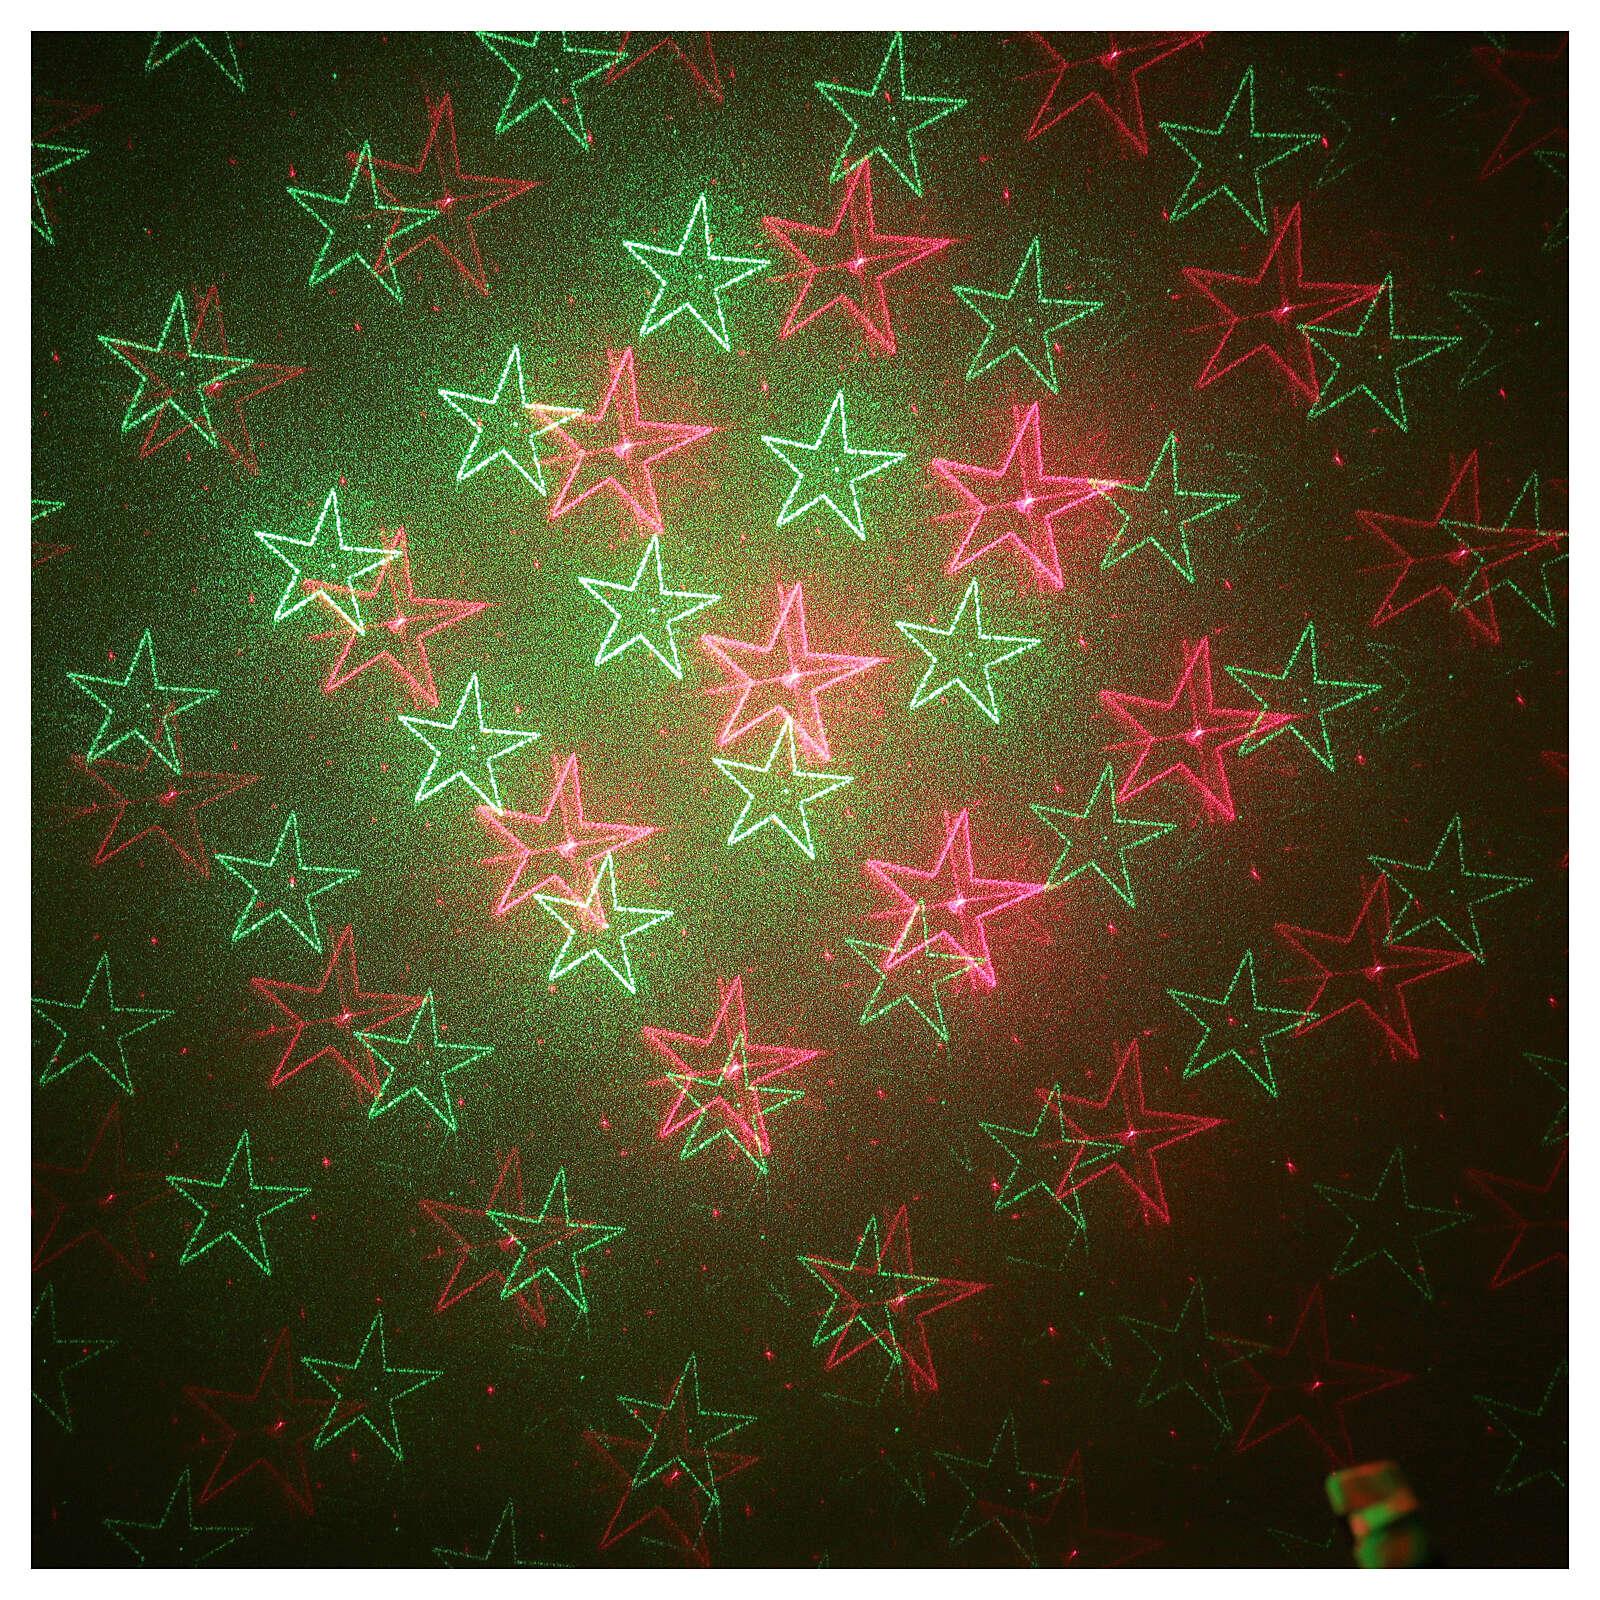 STOCK Projecteur laser coeurs rouges verts pour intérieur 3